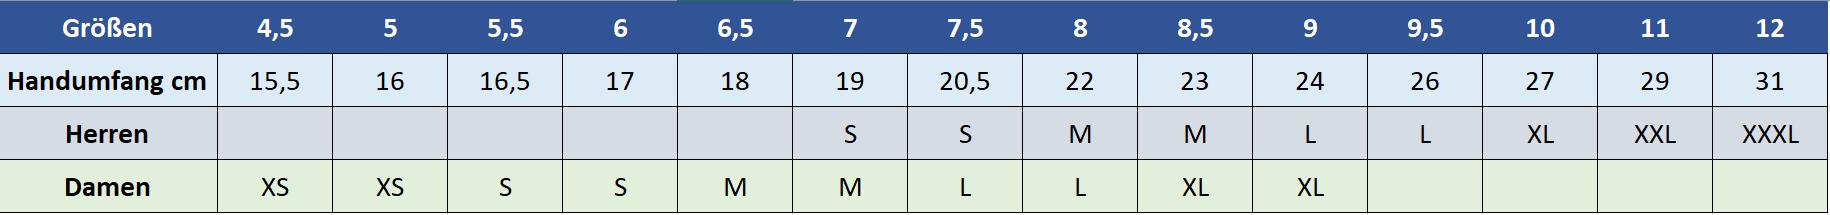 Handschuh Größen-Tabelle